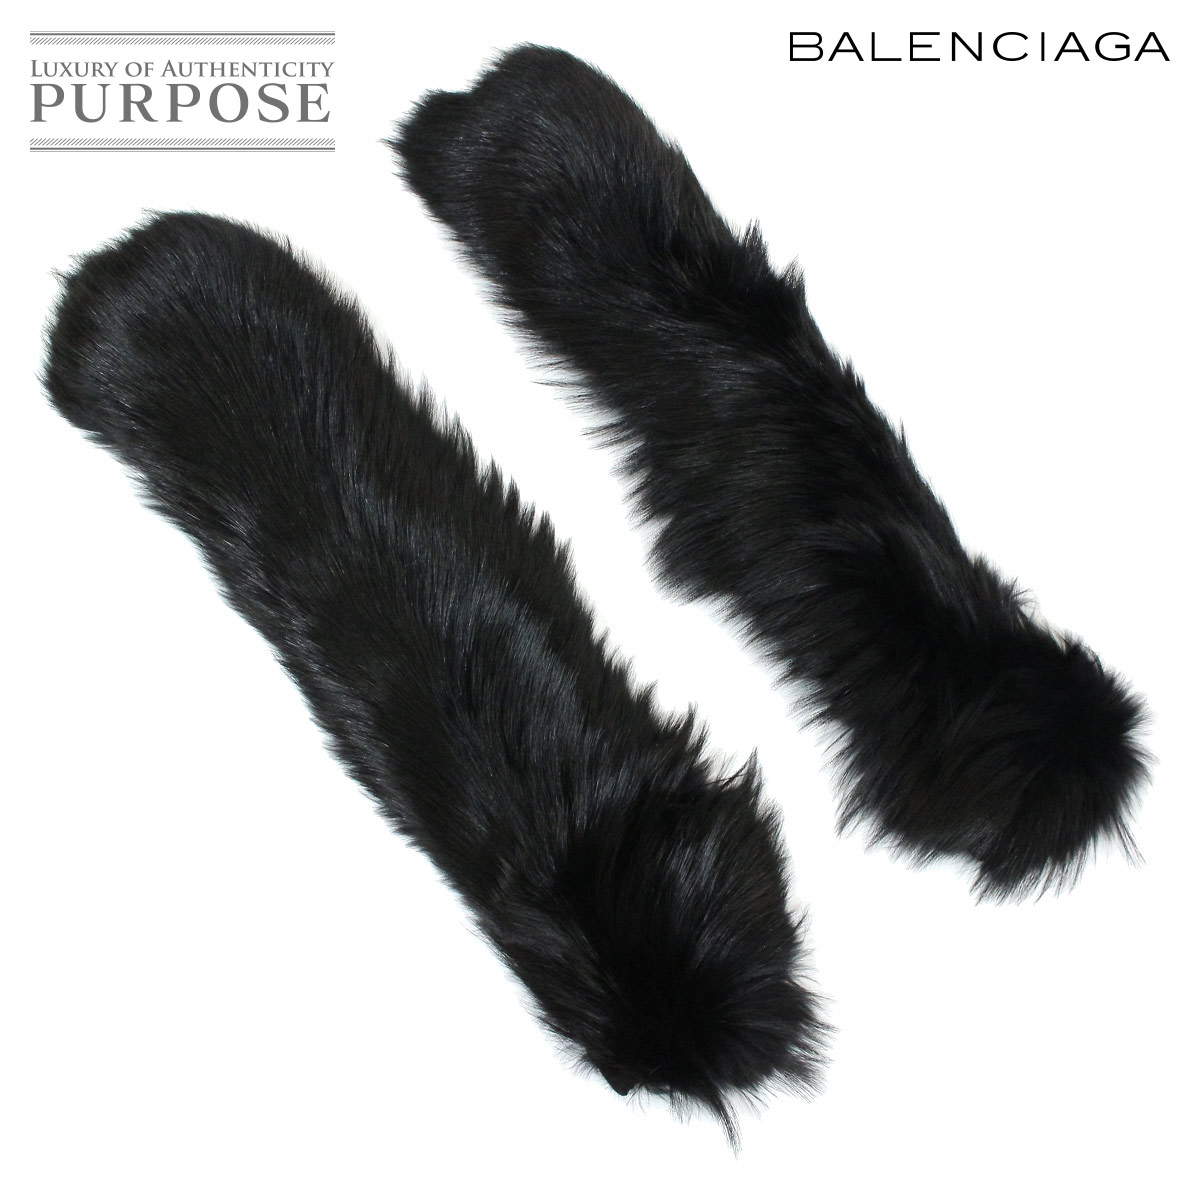 バレンシアガ BALENCIAGA フォックス ファー ウール ニット ロング グローブ 手袋 ブラック 小物 【中古】